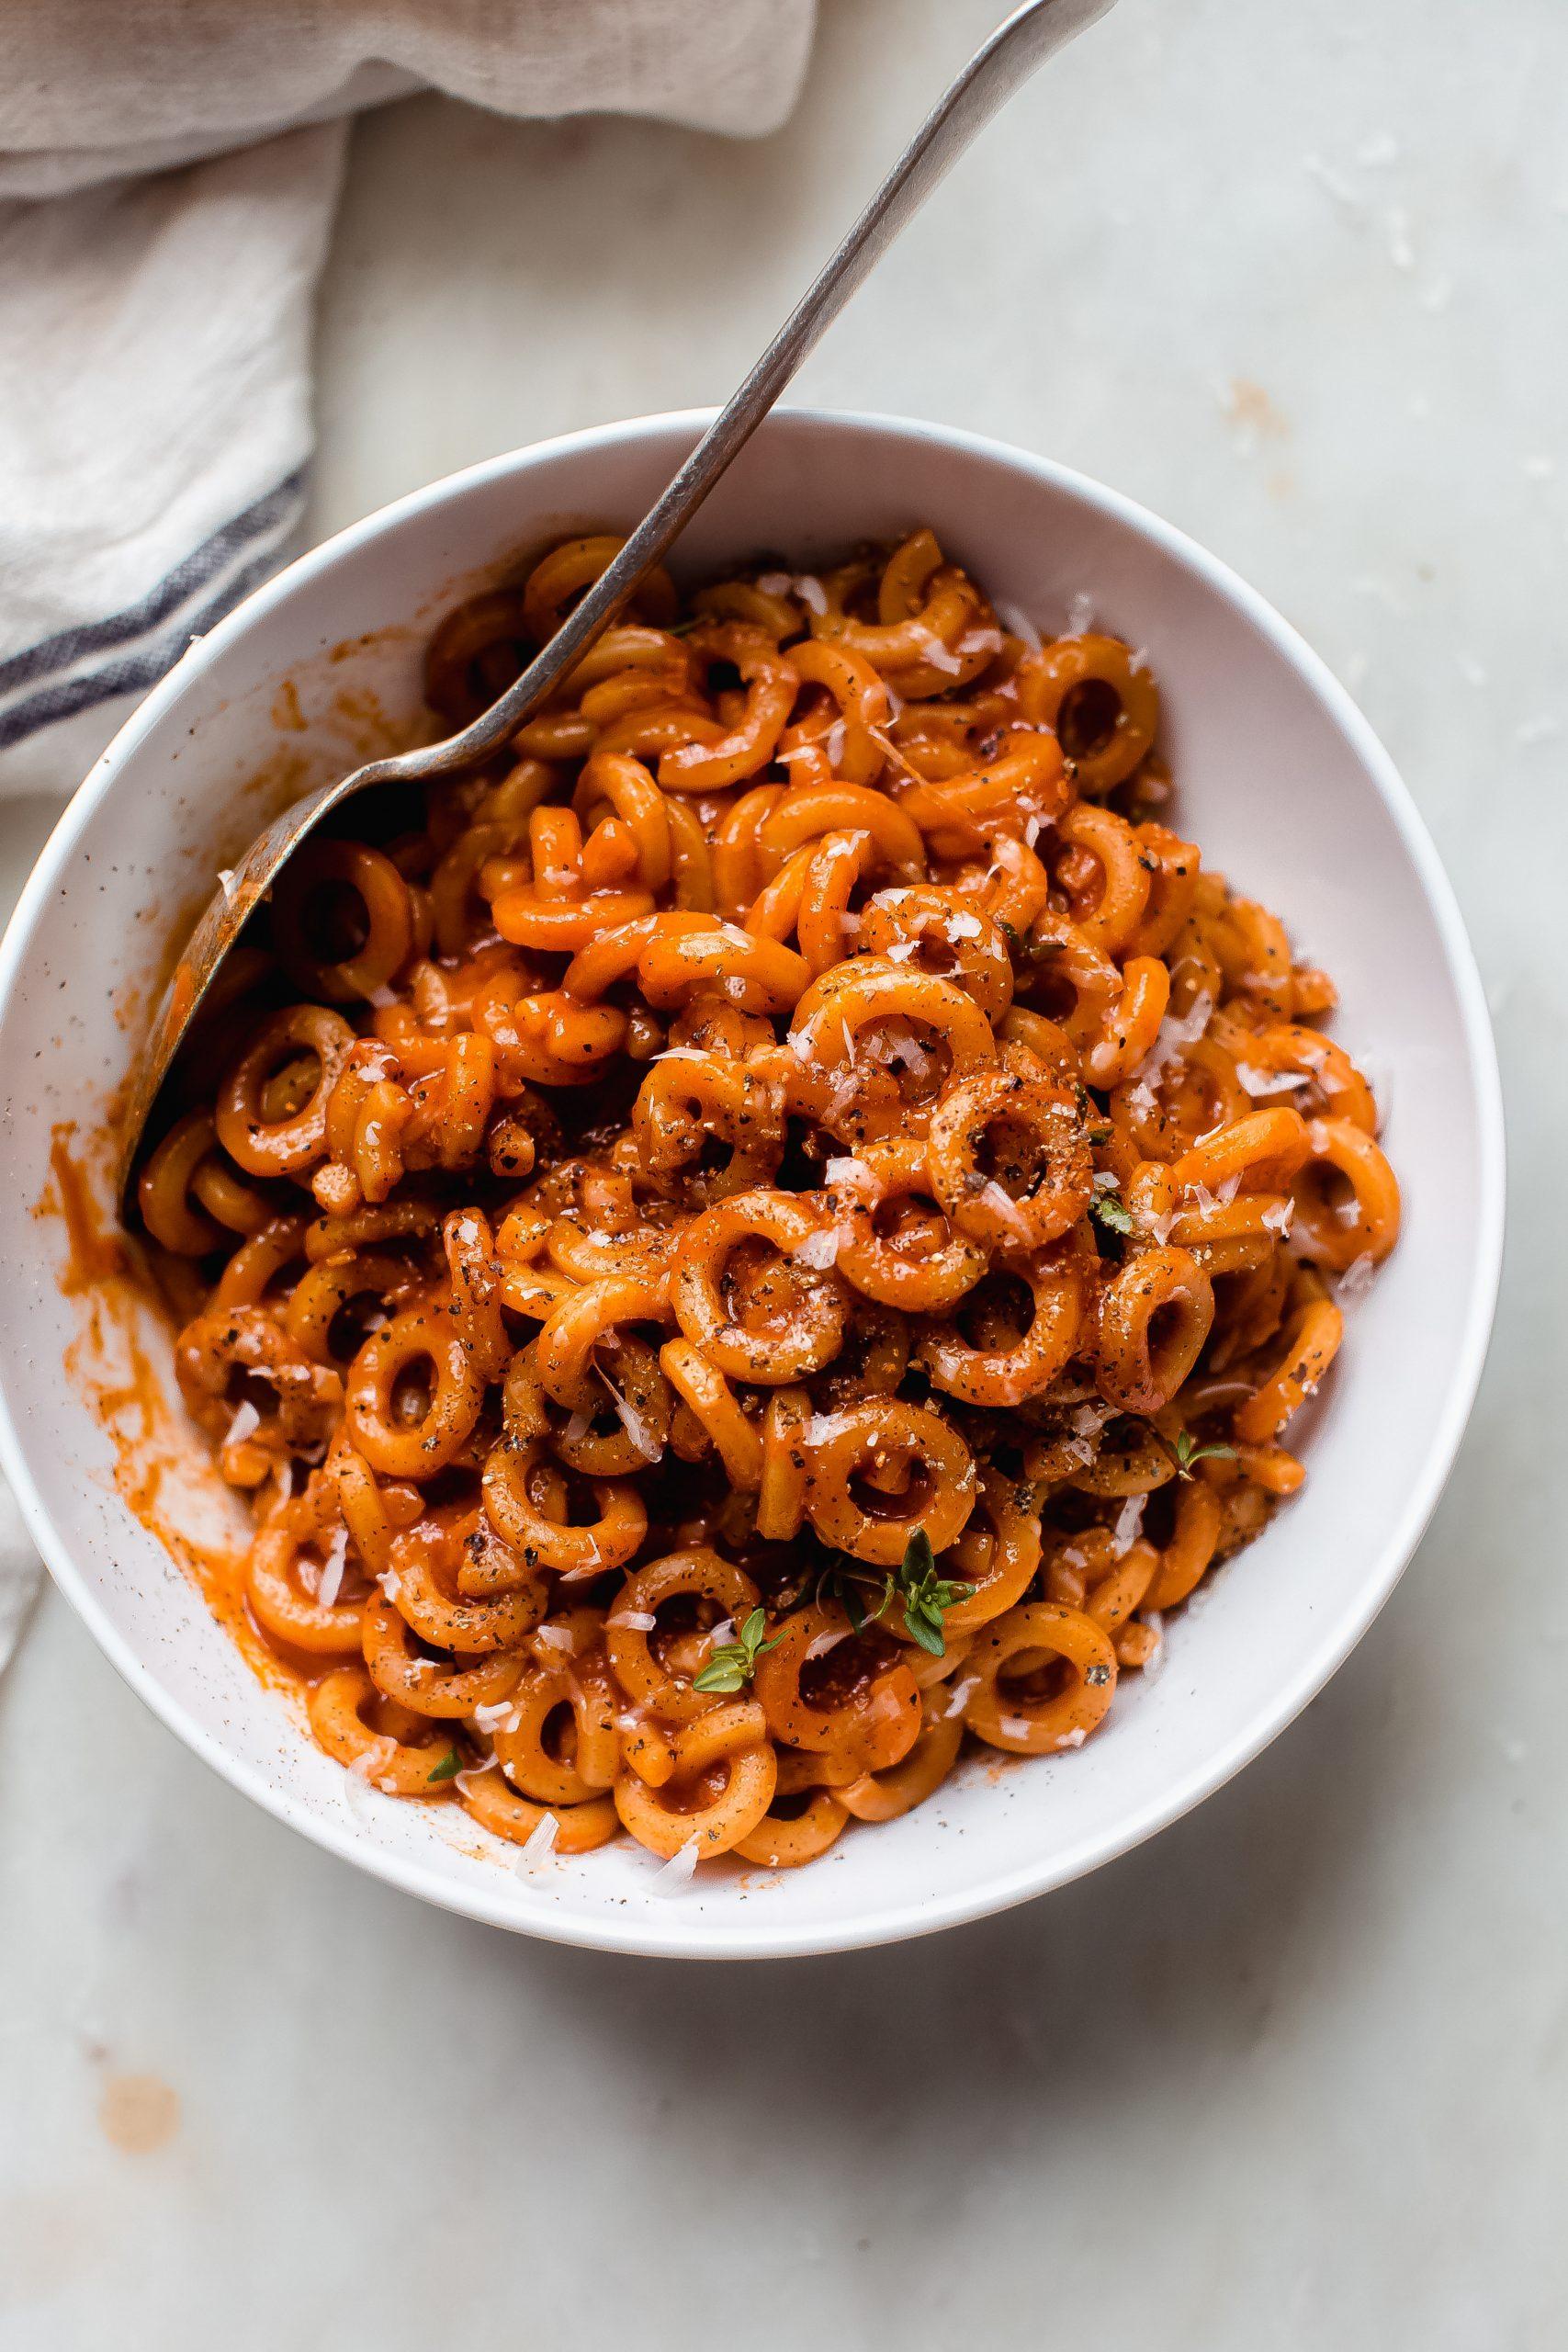 bowl of spaghettiOs on white marble